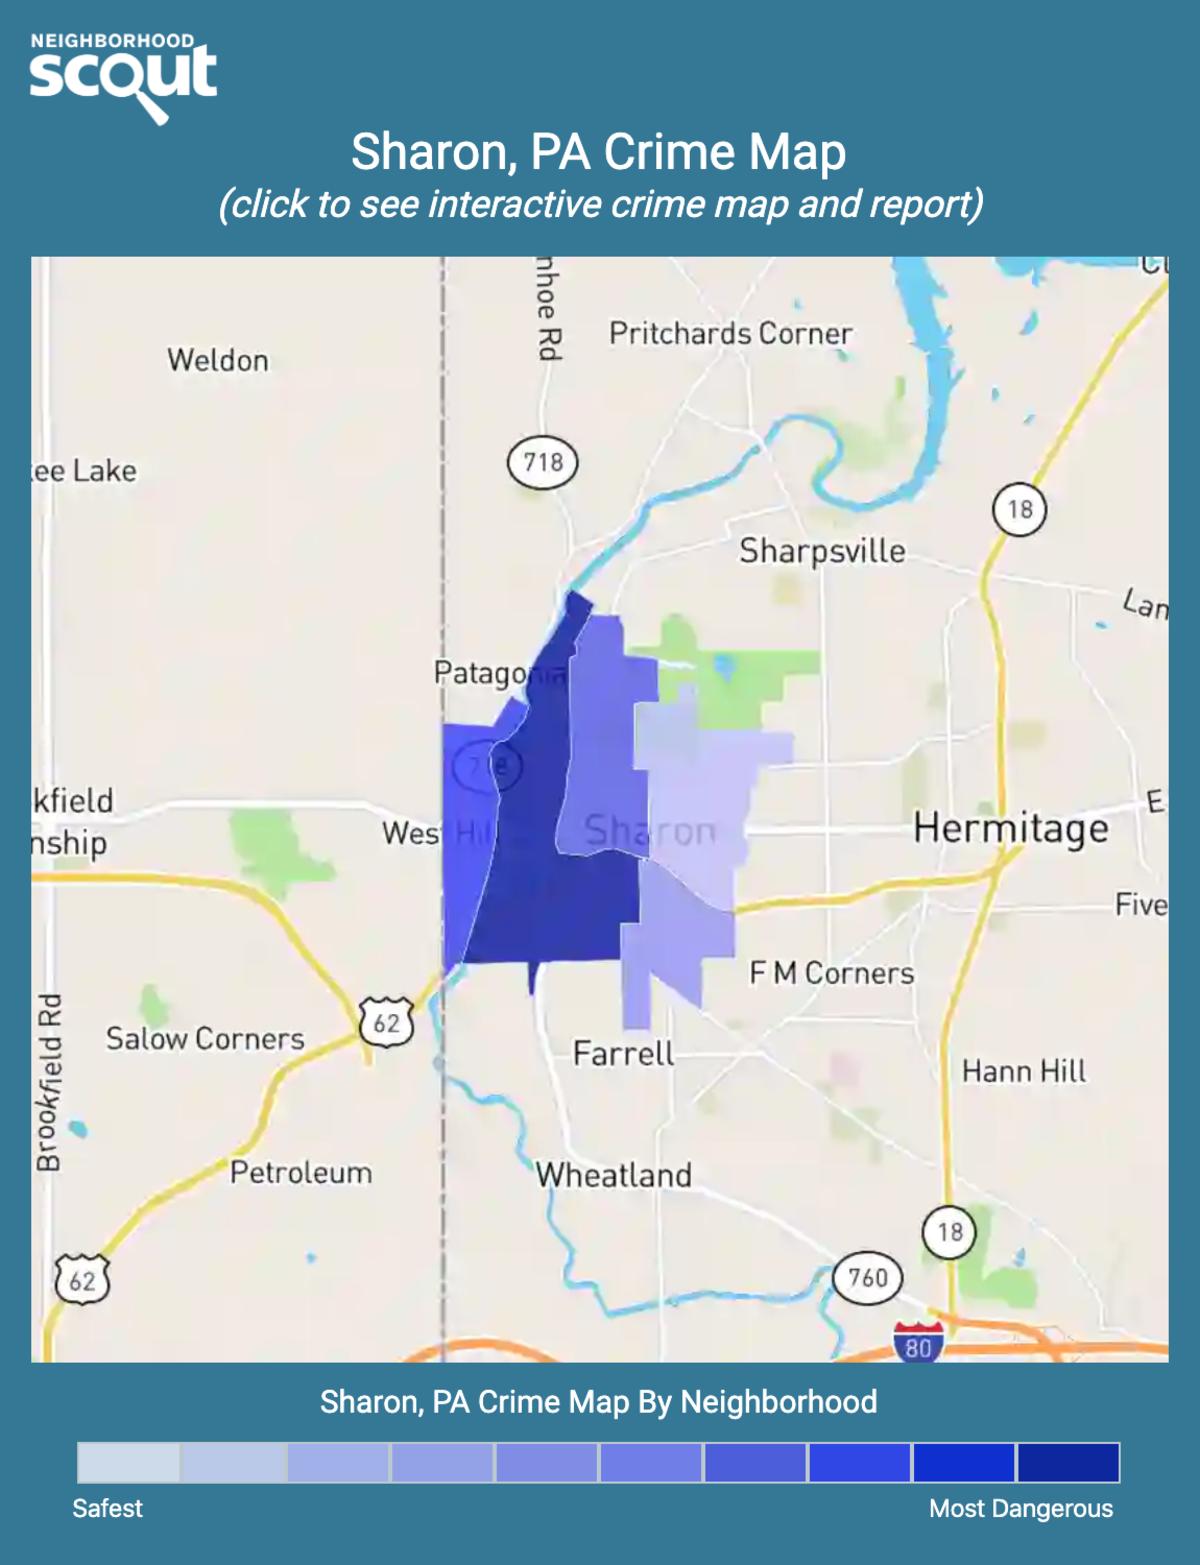 Sharon, Pennsylvania crime map